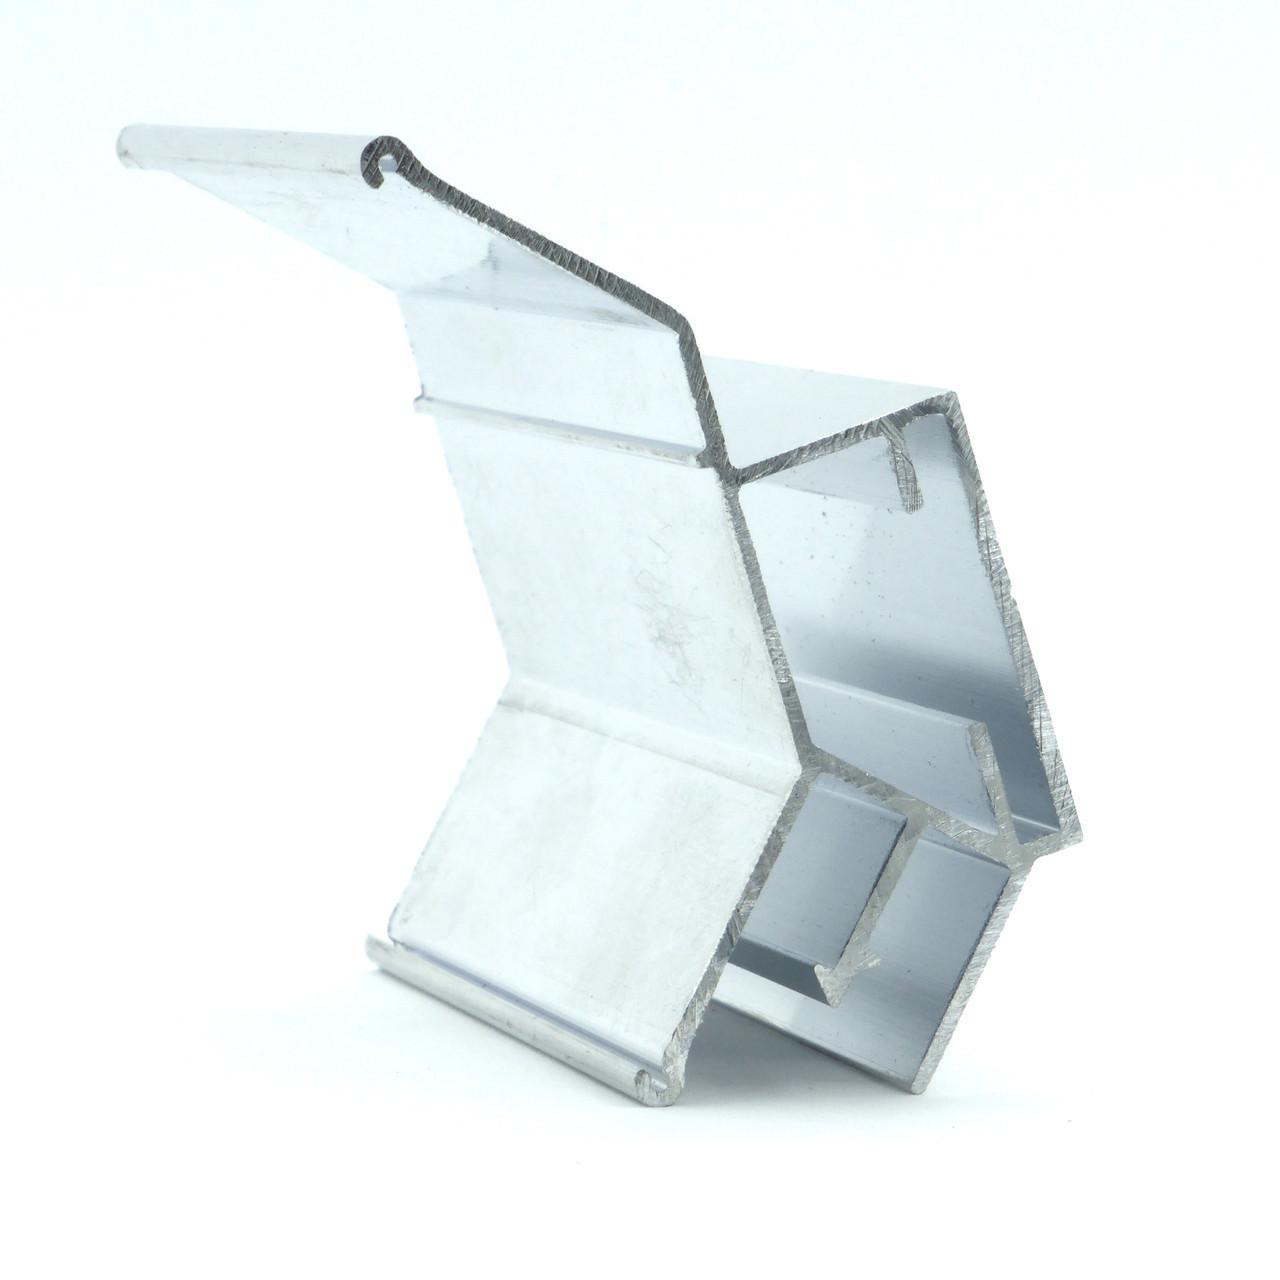 Профиль алюминиевый - двухуровневый №2, с изменённым углом. Длина профиля 2,5 м.